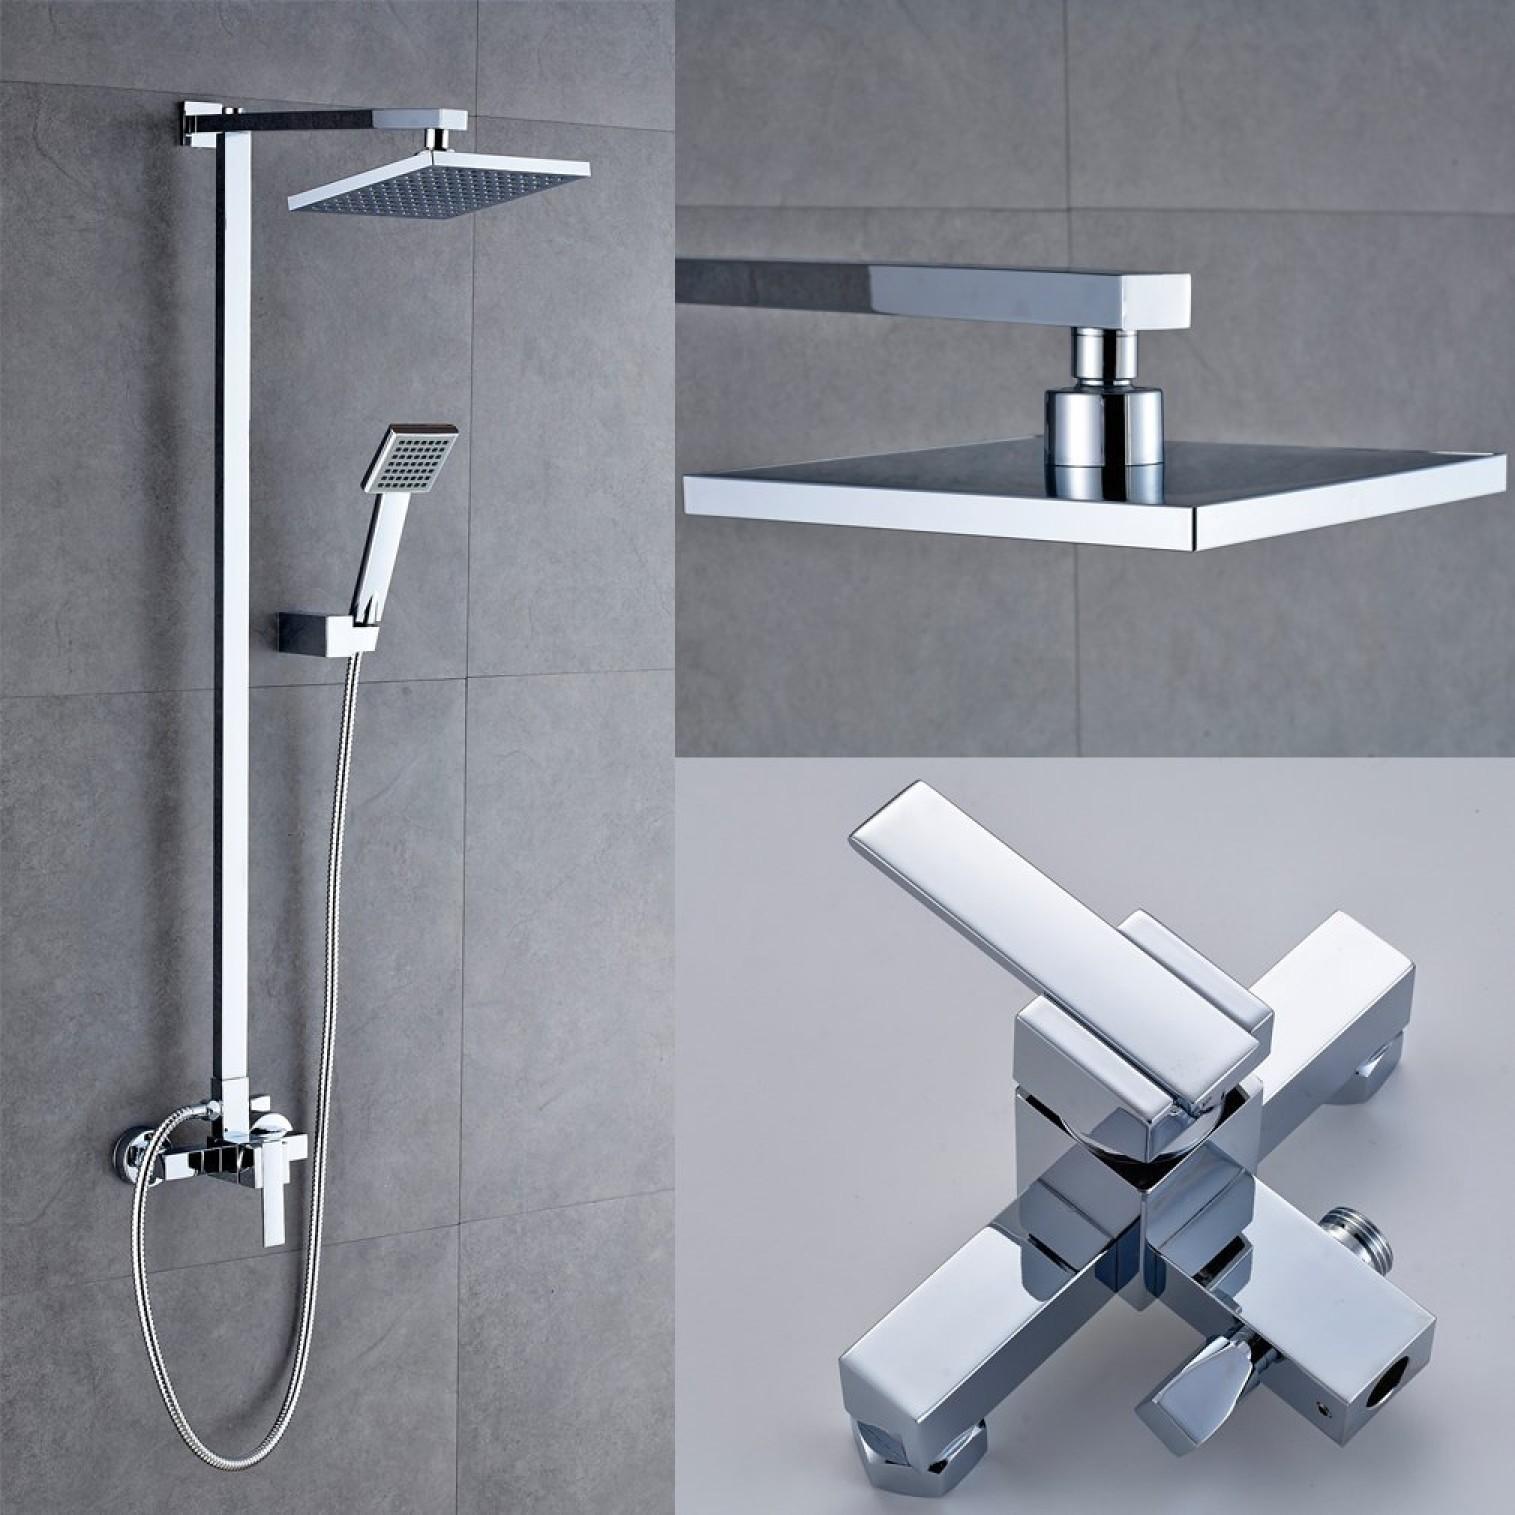 bathroom mixer shower set wit fixtures 8 shower head and handheld system holder ebay. Black Bedroom Furniture Sets. Home Design Ideas